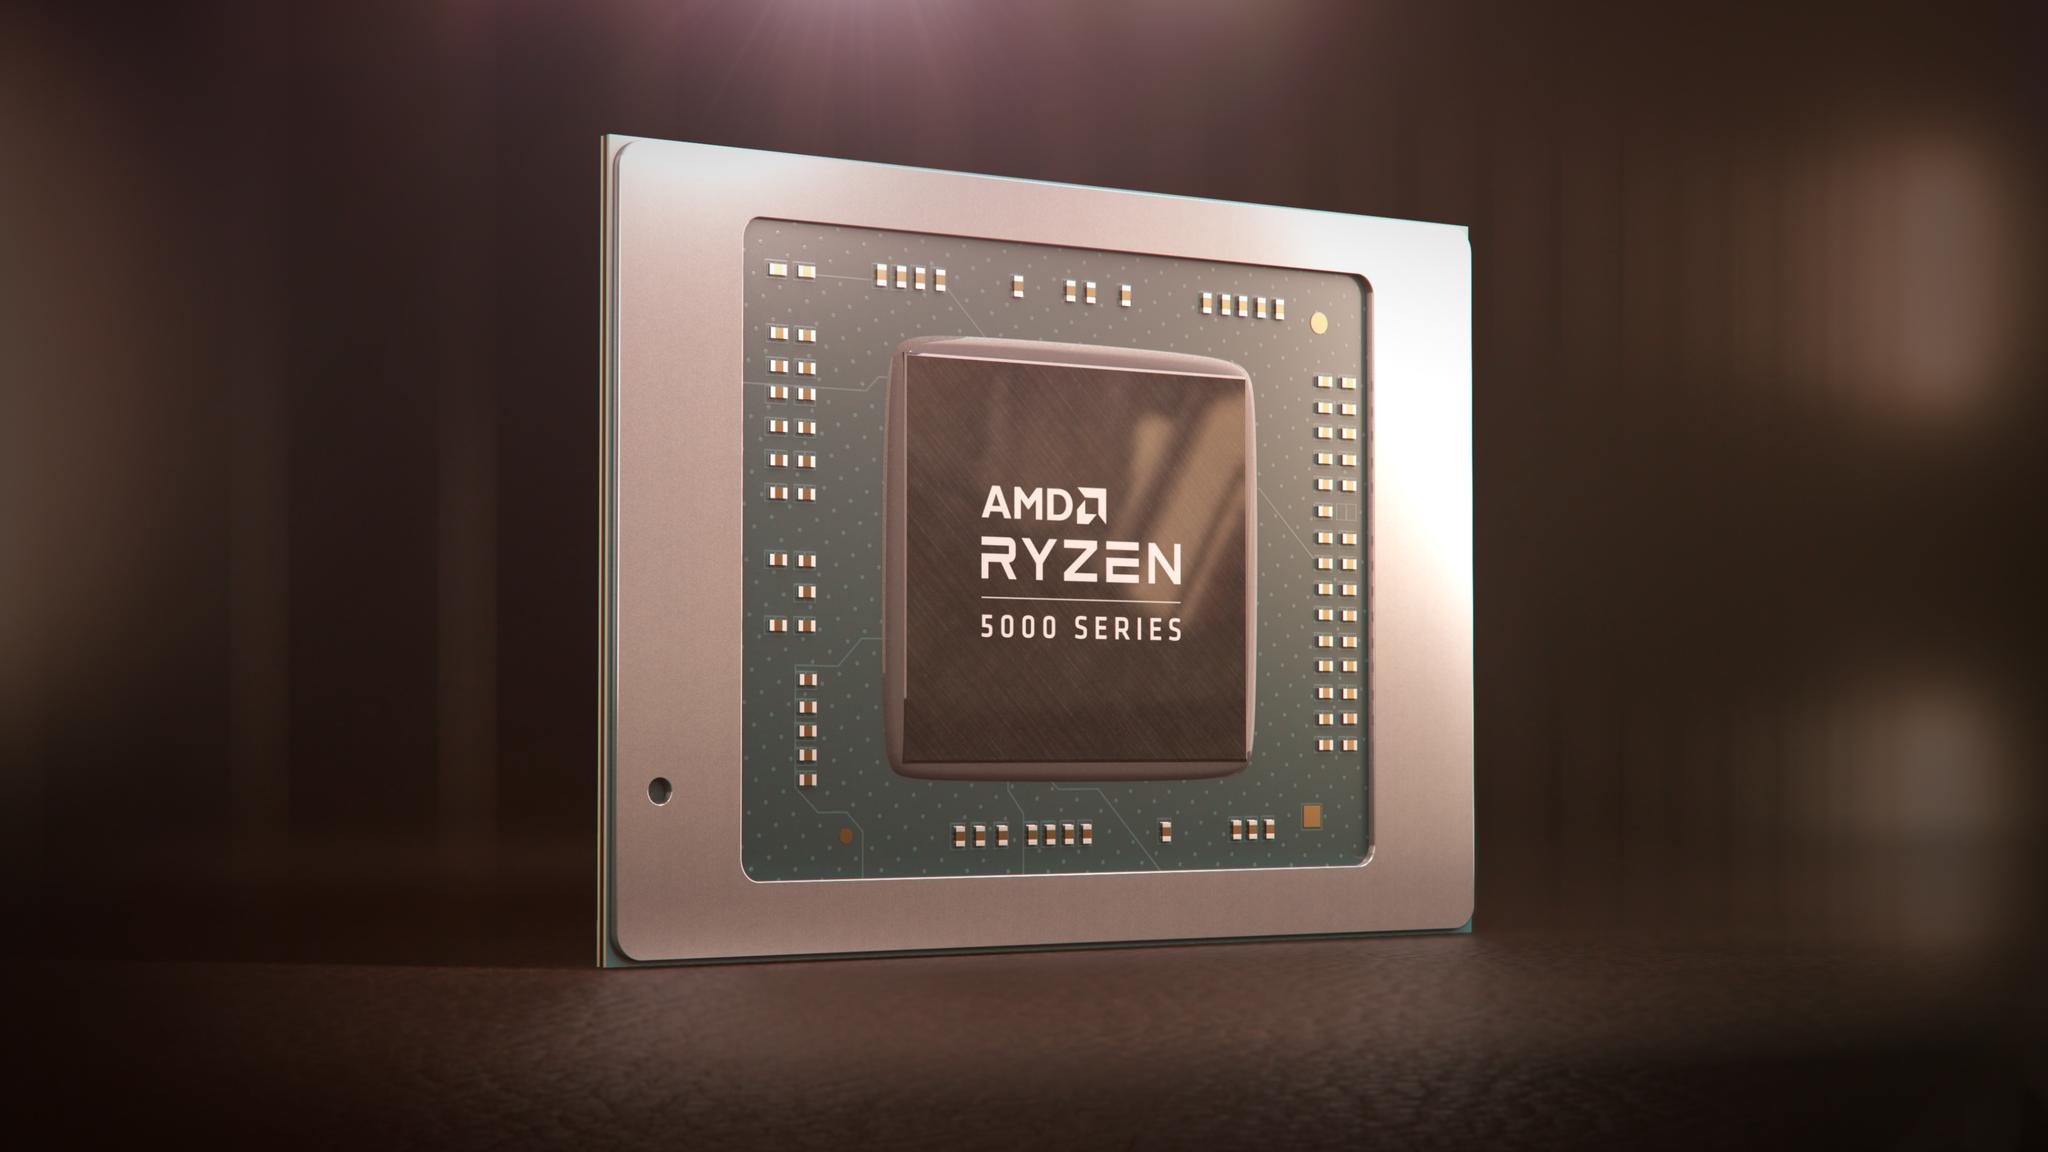 Ryzen 5000 действительно ли AMD сделала лучшие мобильные процессоры для игровых ноутбуков